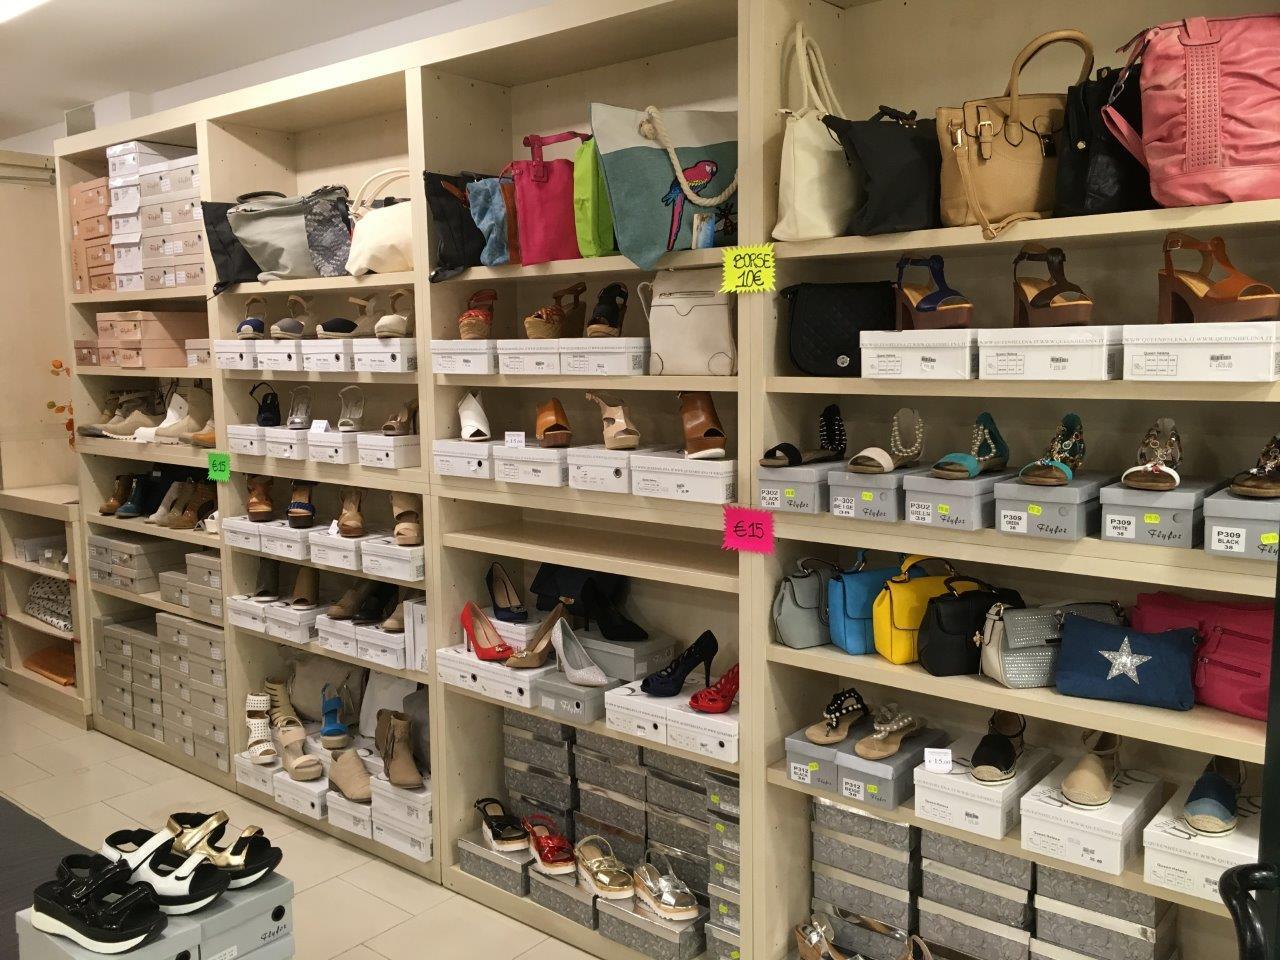 negozio di scarpe passeggiando 1f677816095